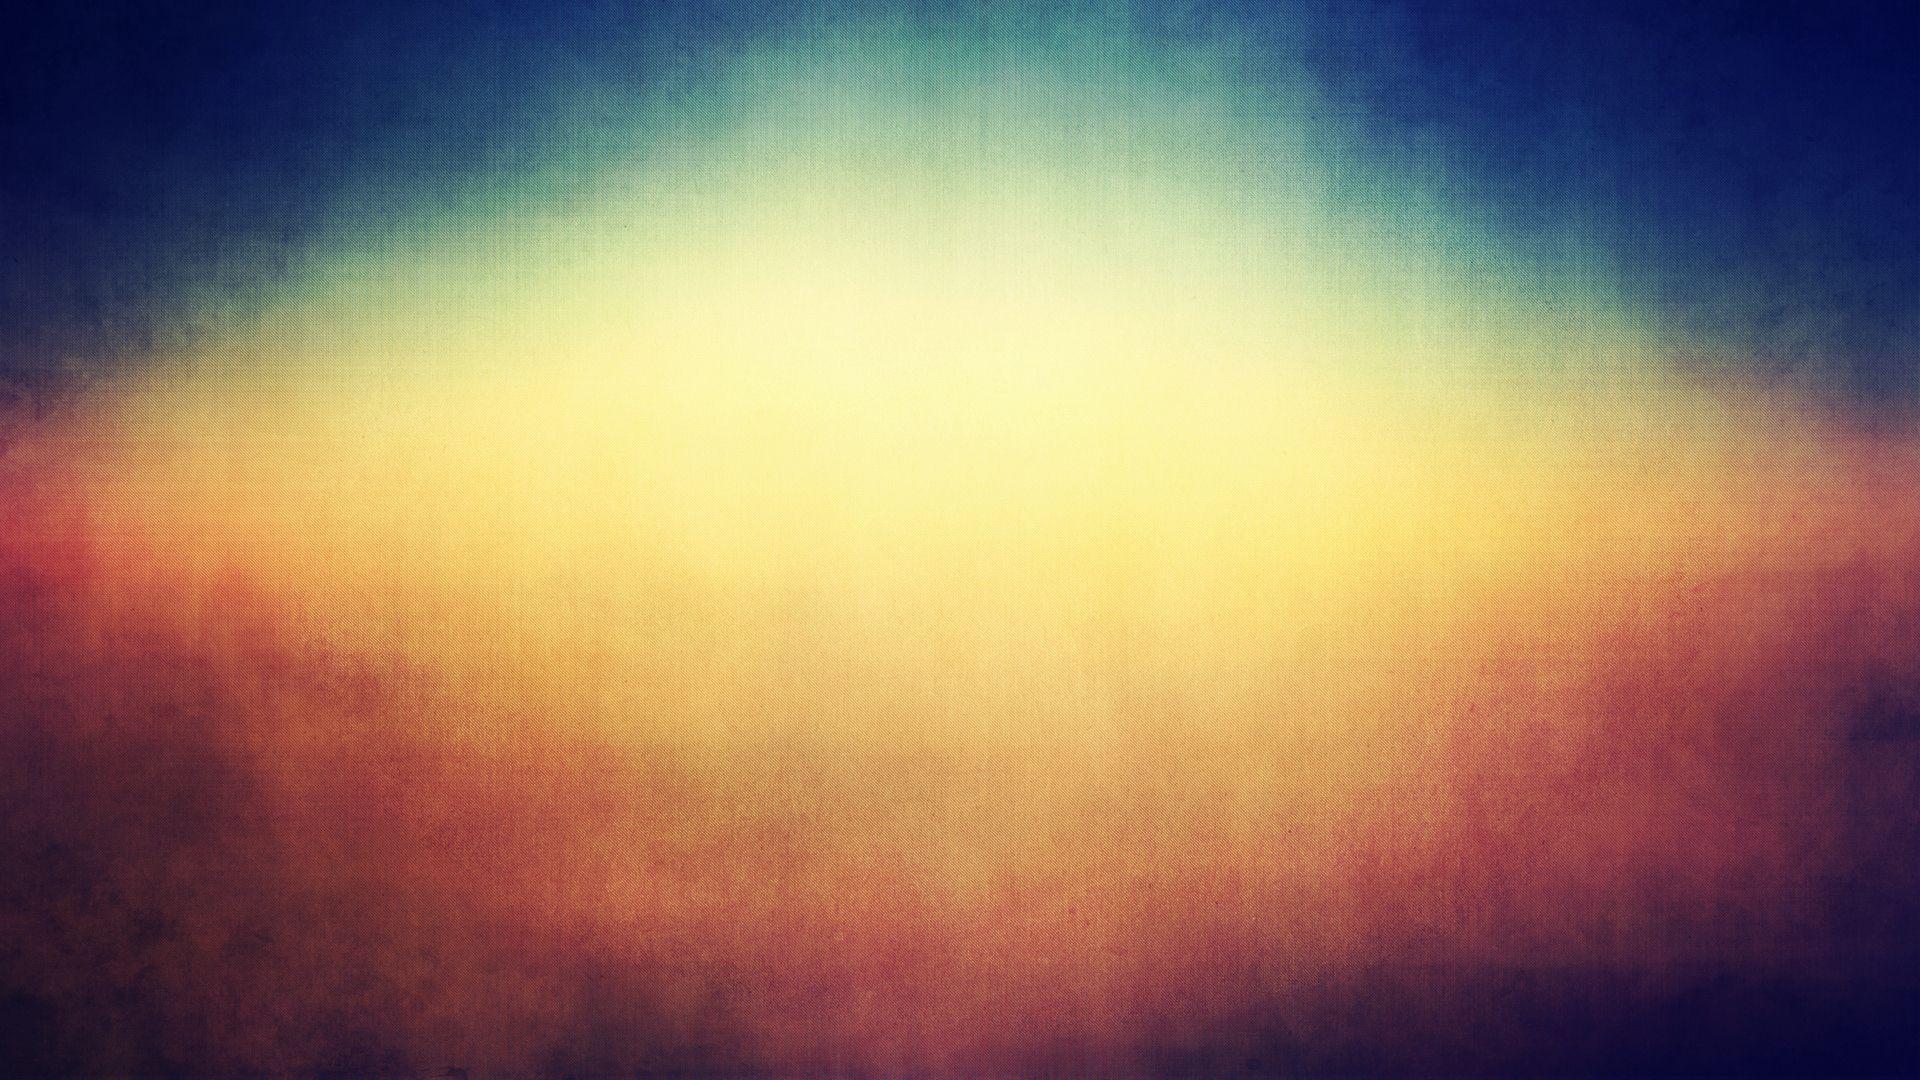 Simple Blurred Colors Hd Wallpaper Fullhdwpp Full Hd Wallpapers 1920x1080